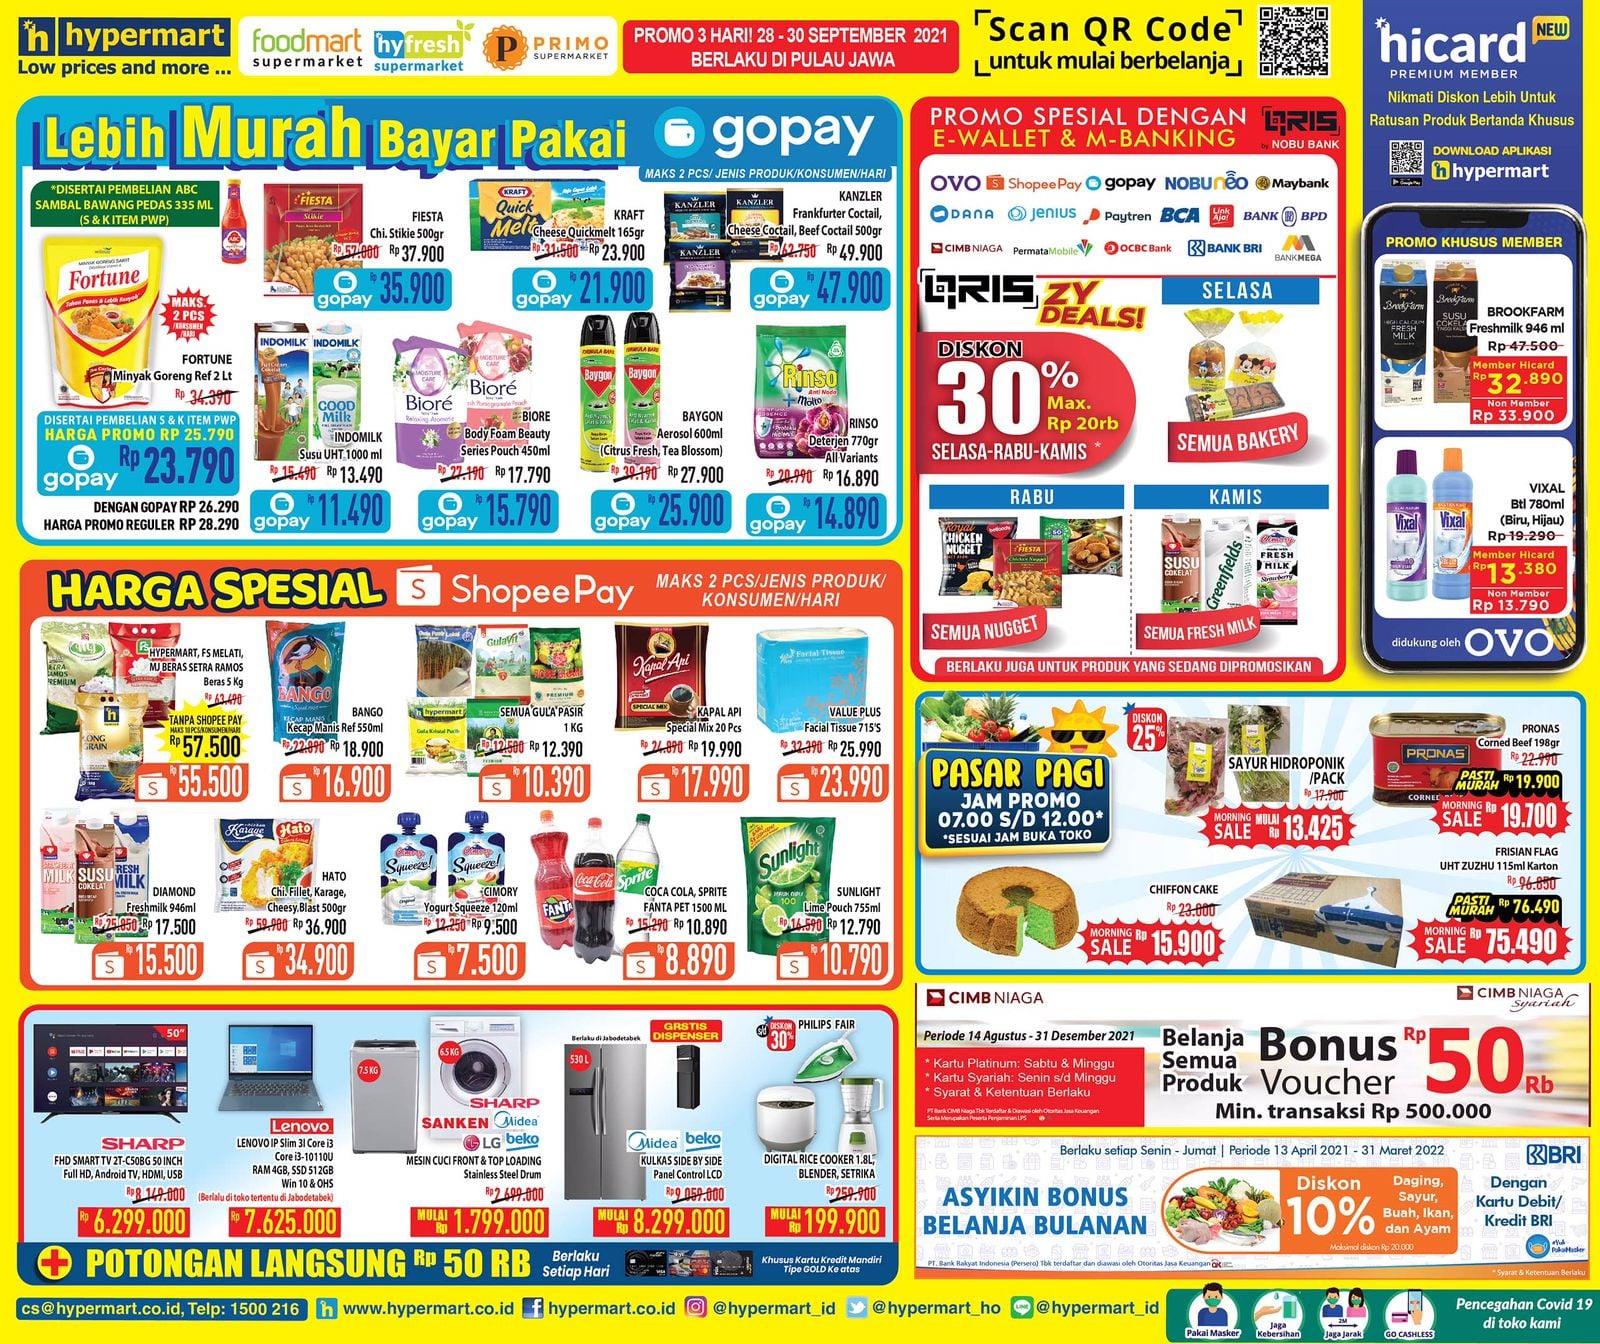 Katalog Hypermart Promo Weekday periode 28-30 September 2021